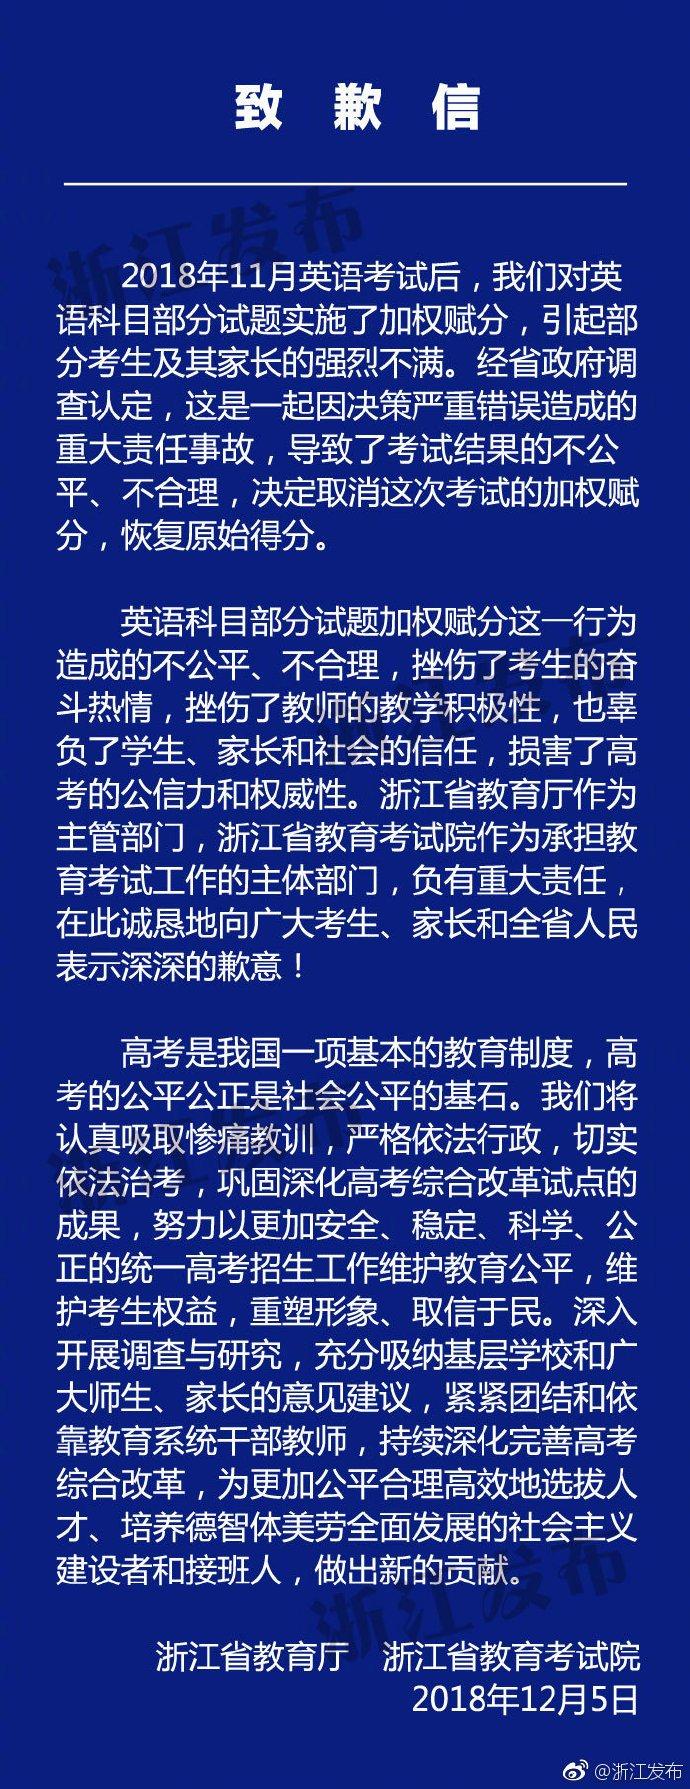 三尾中特2015免费提供浙江省教育厅、考试院道歉:取消加权赋分,恢复原始得分